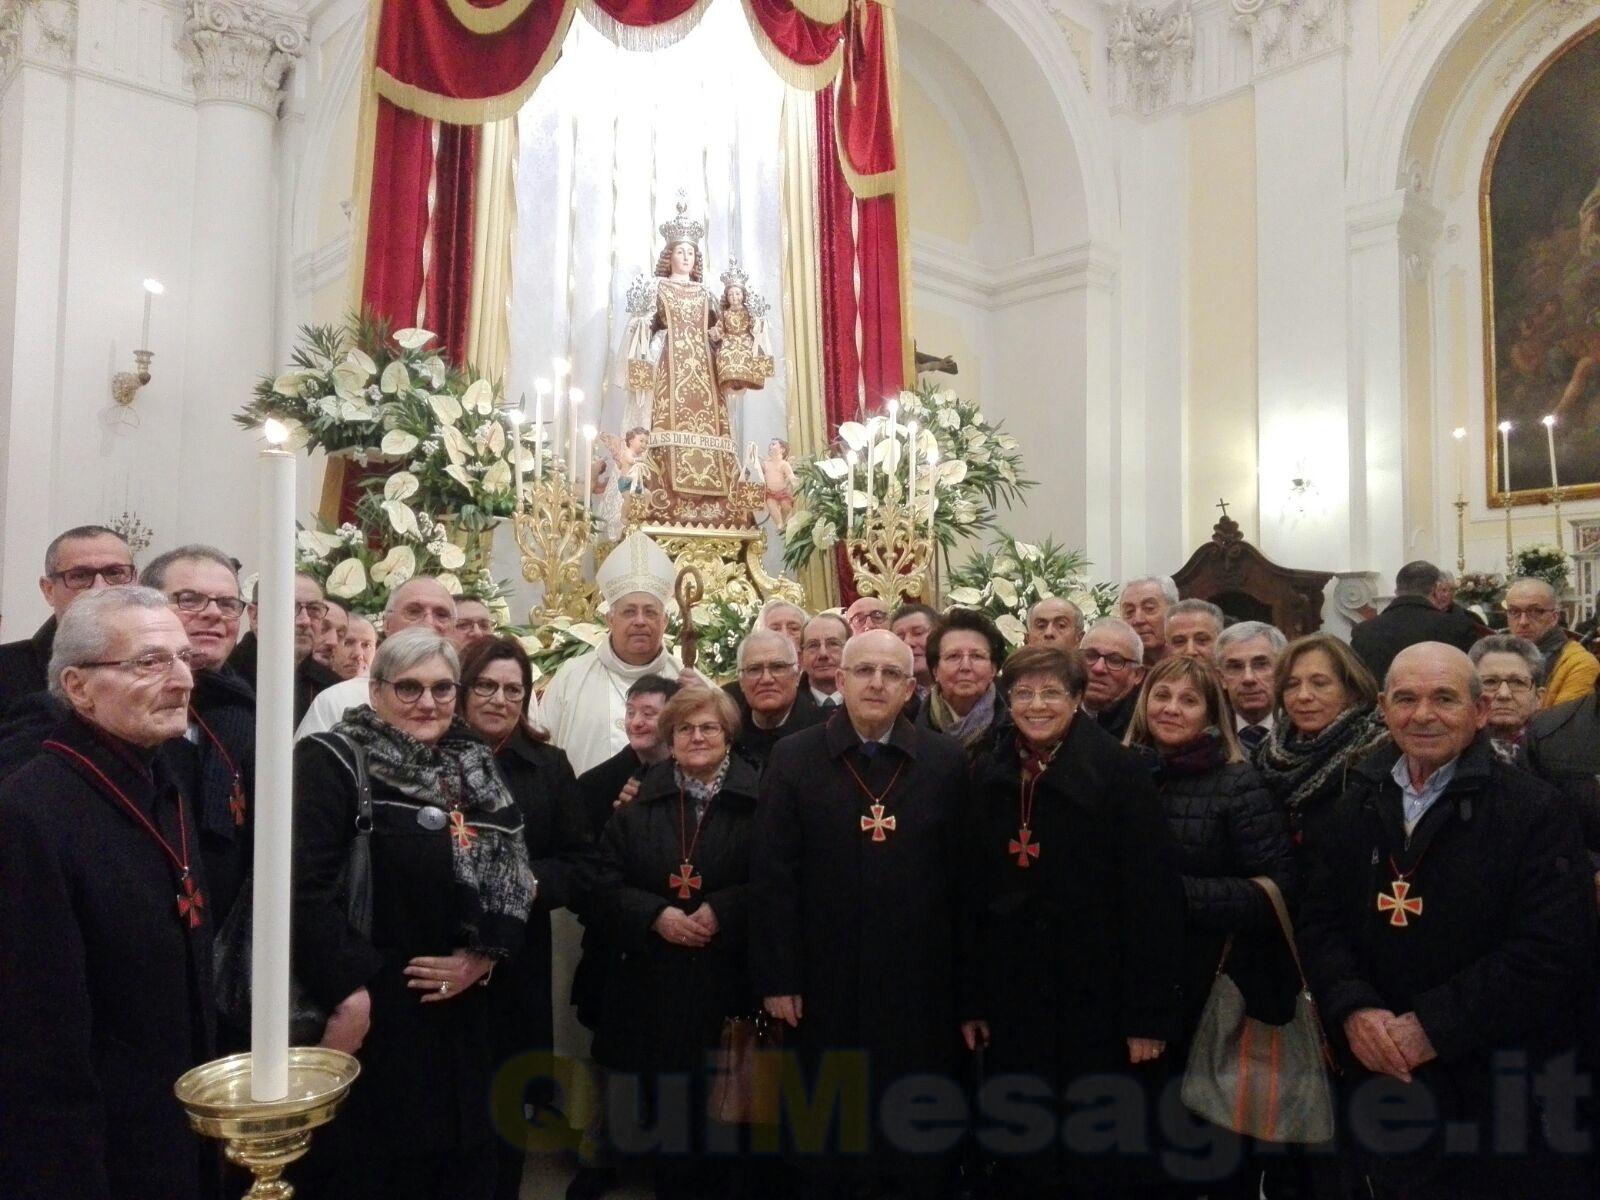 Nel giorno del Patrocinio della Madonna nasce a Mesagne la Confraternita del SS. Crocifisso